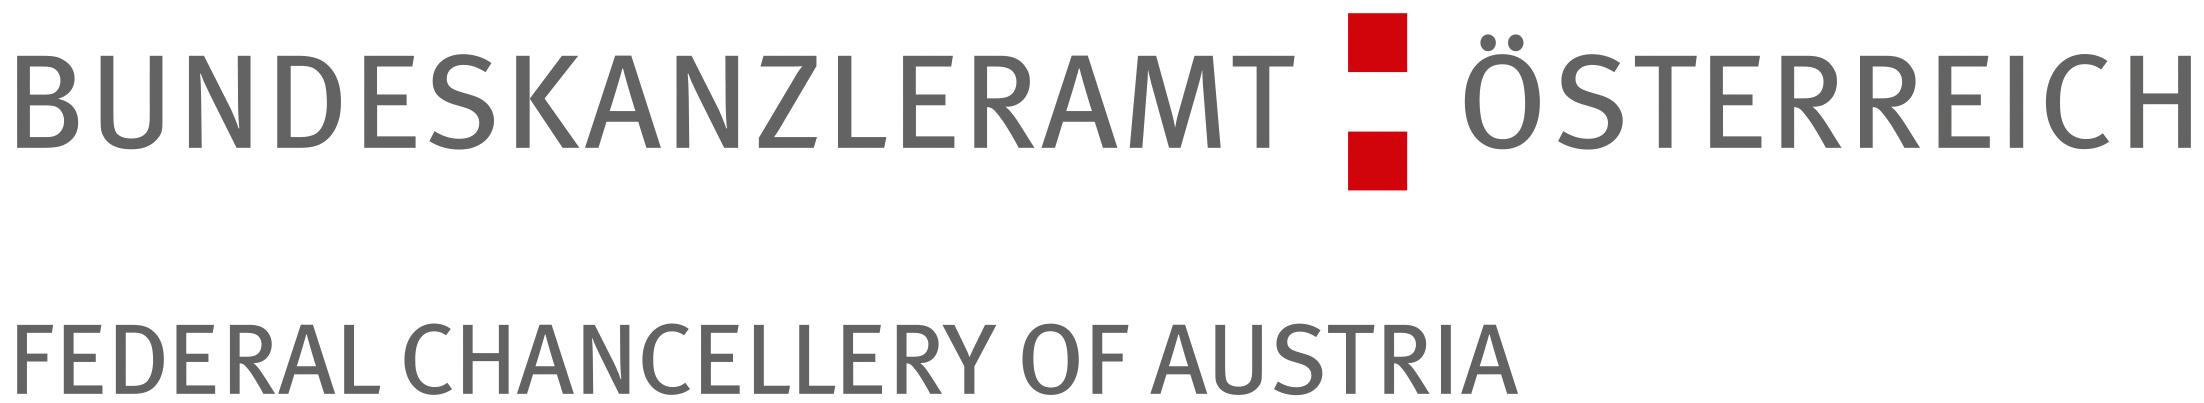 Logo Bundeskanzleramt Österreich